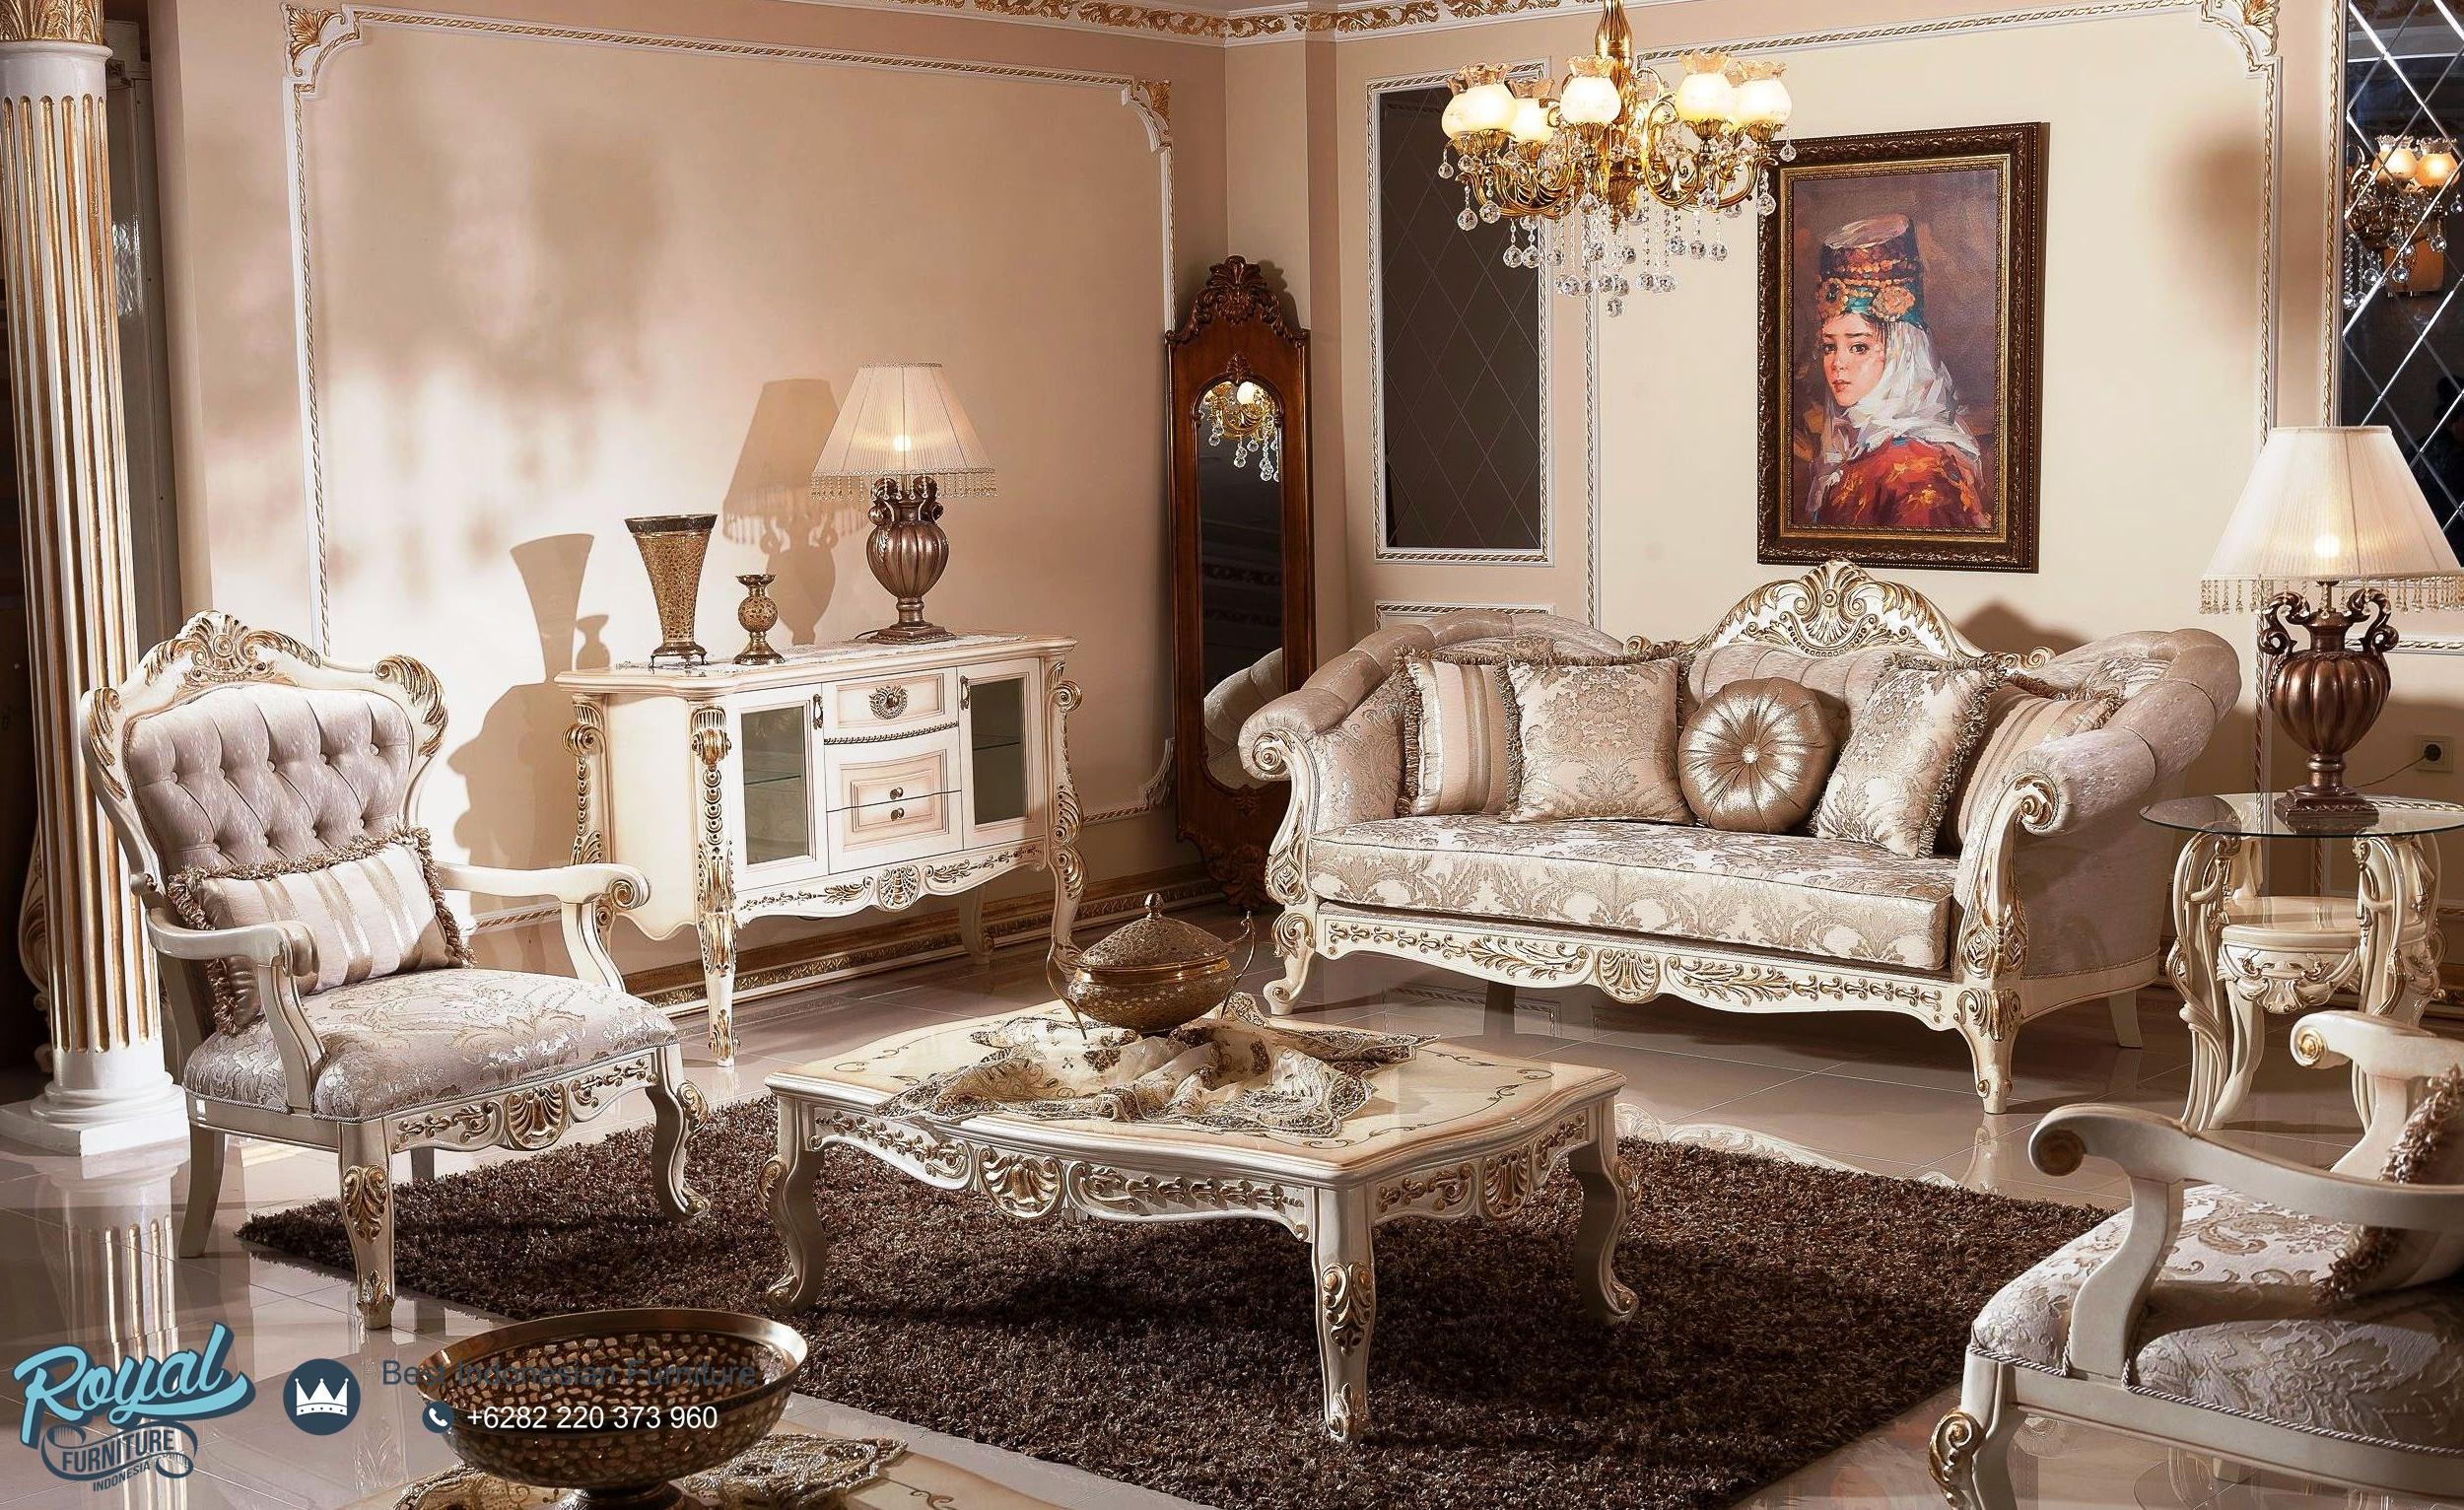 Sofa Ruang Tamu Modern Mewah Ukir Jepara Terbaru Italian New Design, sofa tamu klasik minimalis, sofa tamu klasik modern, sofa tamu klasik mewah, harga sofa klasik modern, sofa ruang tamu mewah modern, harga sofa tamu tamu jati jepara, sofa mewah minimalis, sofa tamu jepara terbaru 2020, sofa tamu kayu jati ukir, sofa tamu mewah terbaru, sofa tamu mewah klasik, sofa tamu mewah ukiran, sofa tamu mewah asli jepara, sofa ruang tamu mewah modern, kursi sofa tamu mewah, model sofa tamu modern warna putih, desain sofa ruang tamu klasik minimalis, sofa tamu mewah terbaru, sofa tamu mewah kulit asli, sofa jati terbaru, sofa jati jepara terbaru, sofa jati klasik, sofa tamu klasik eropa jati, gambar kursi tamu mewah terbaik, mebel jepara, furniture jepara, royal furniture